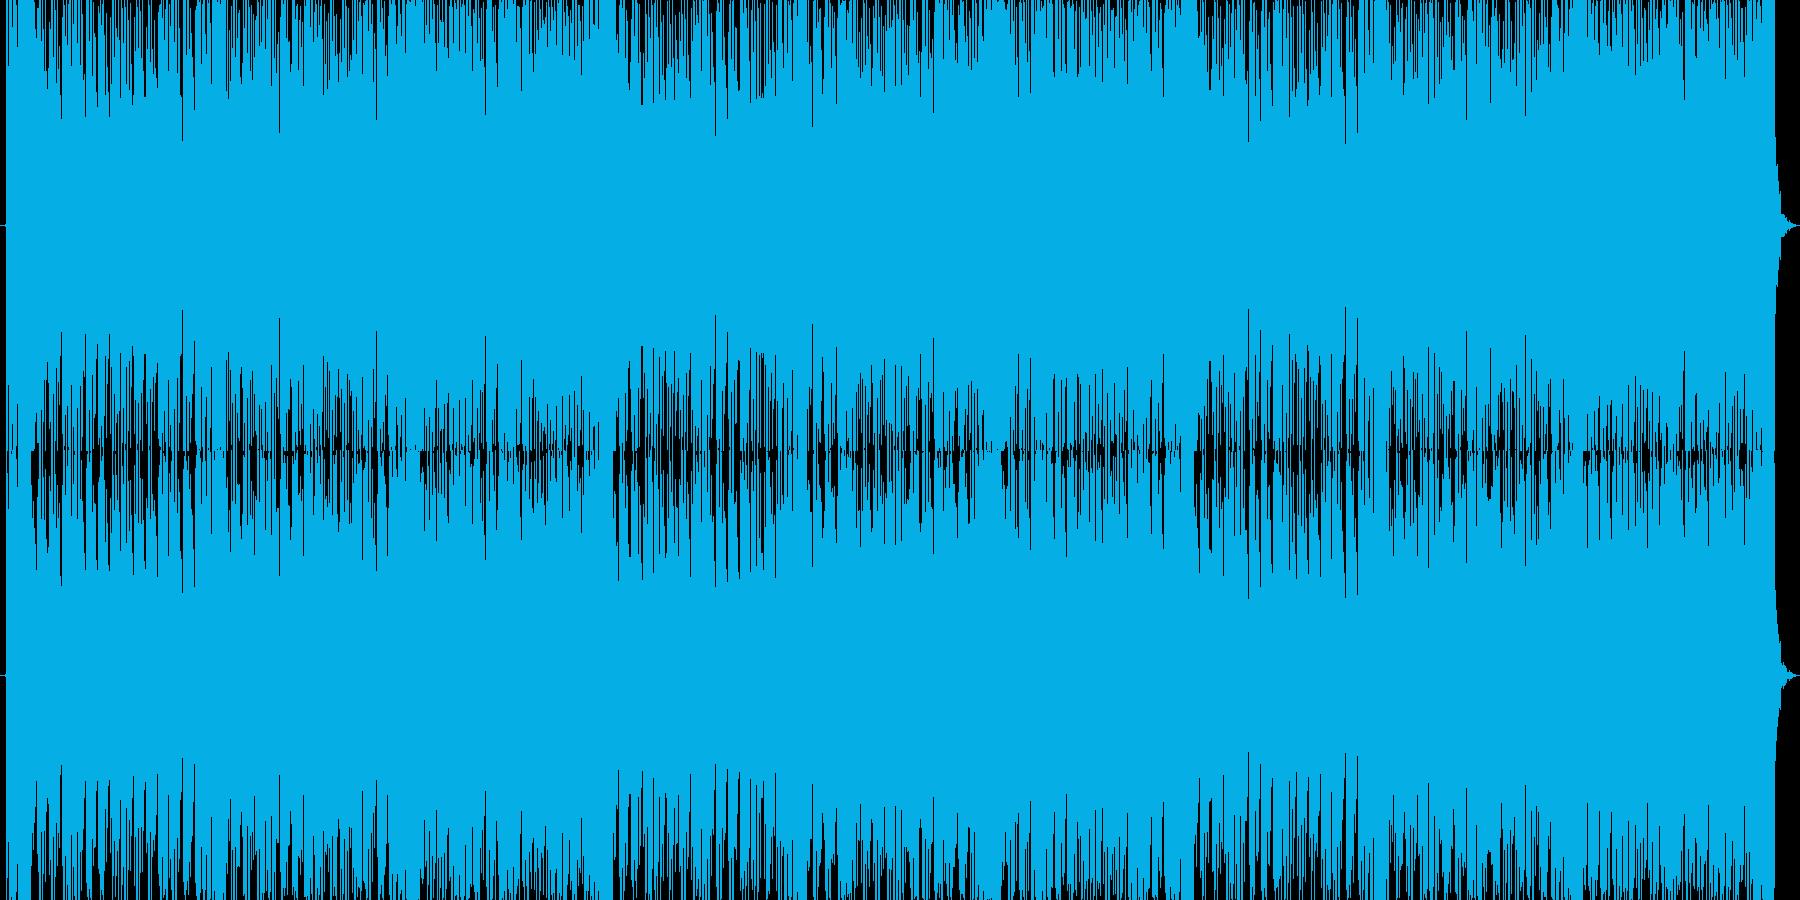 臨場感あふれるスリリングなバトルBGMの再生済みの波形